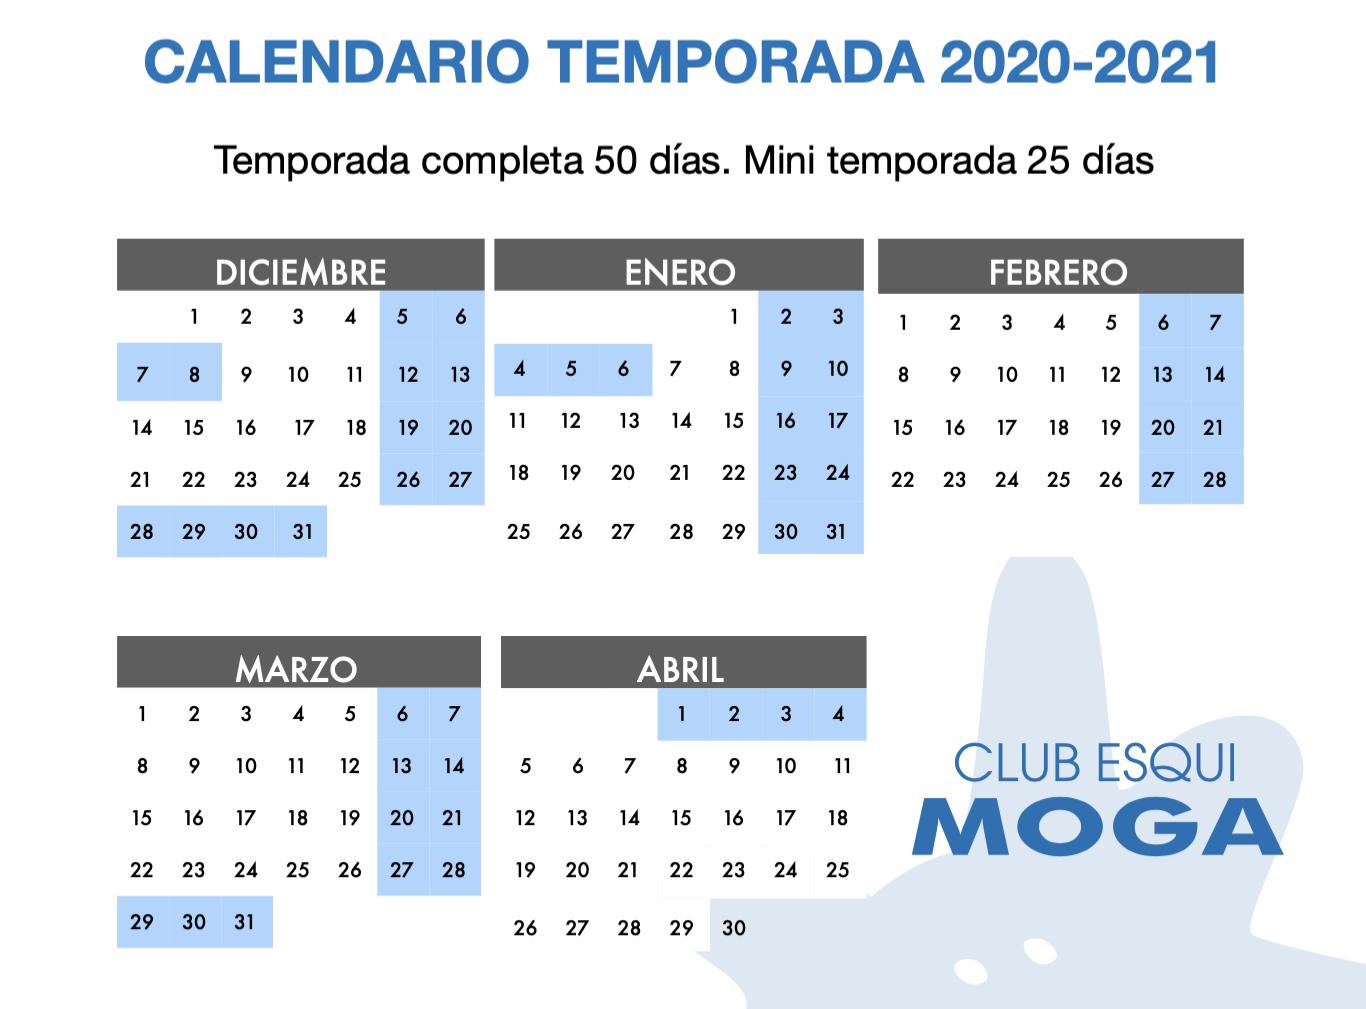 Calendario club esquí Moga